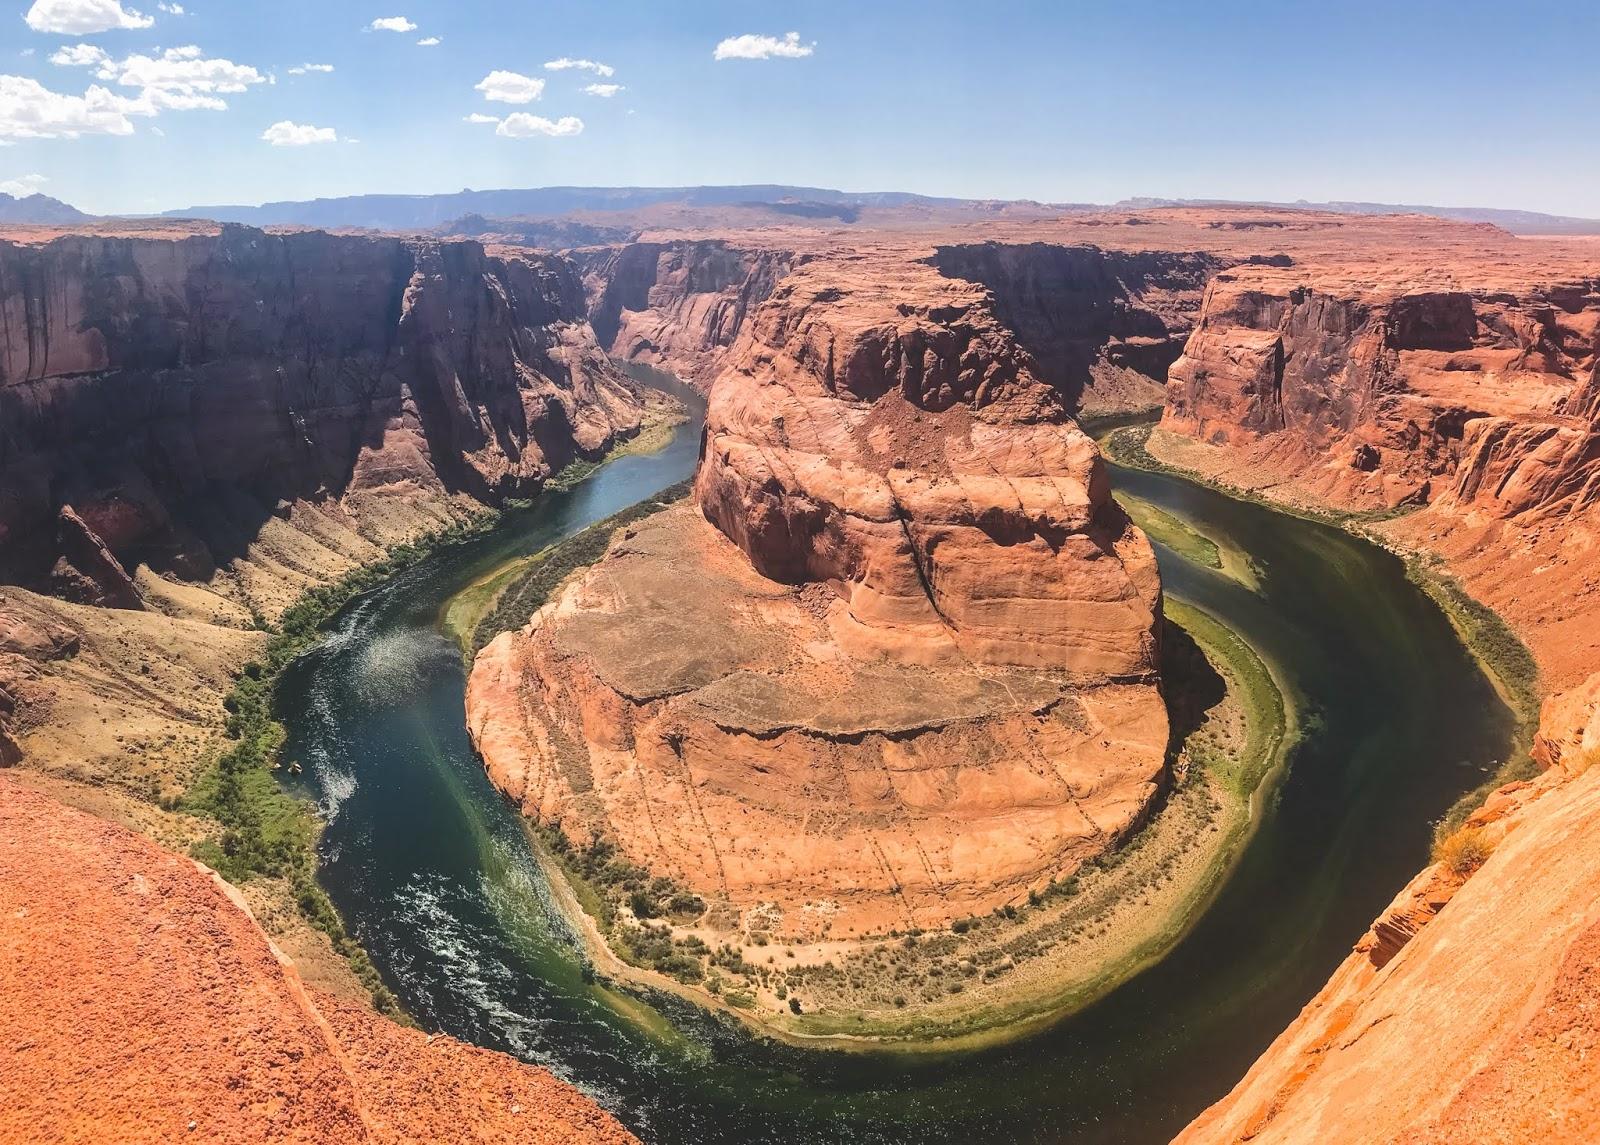 The Ultimate 4-Day Road Trip Through Arizona and Utah